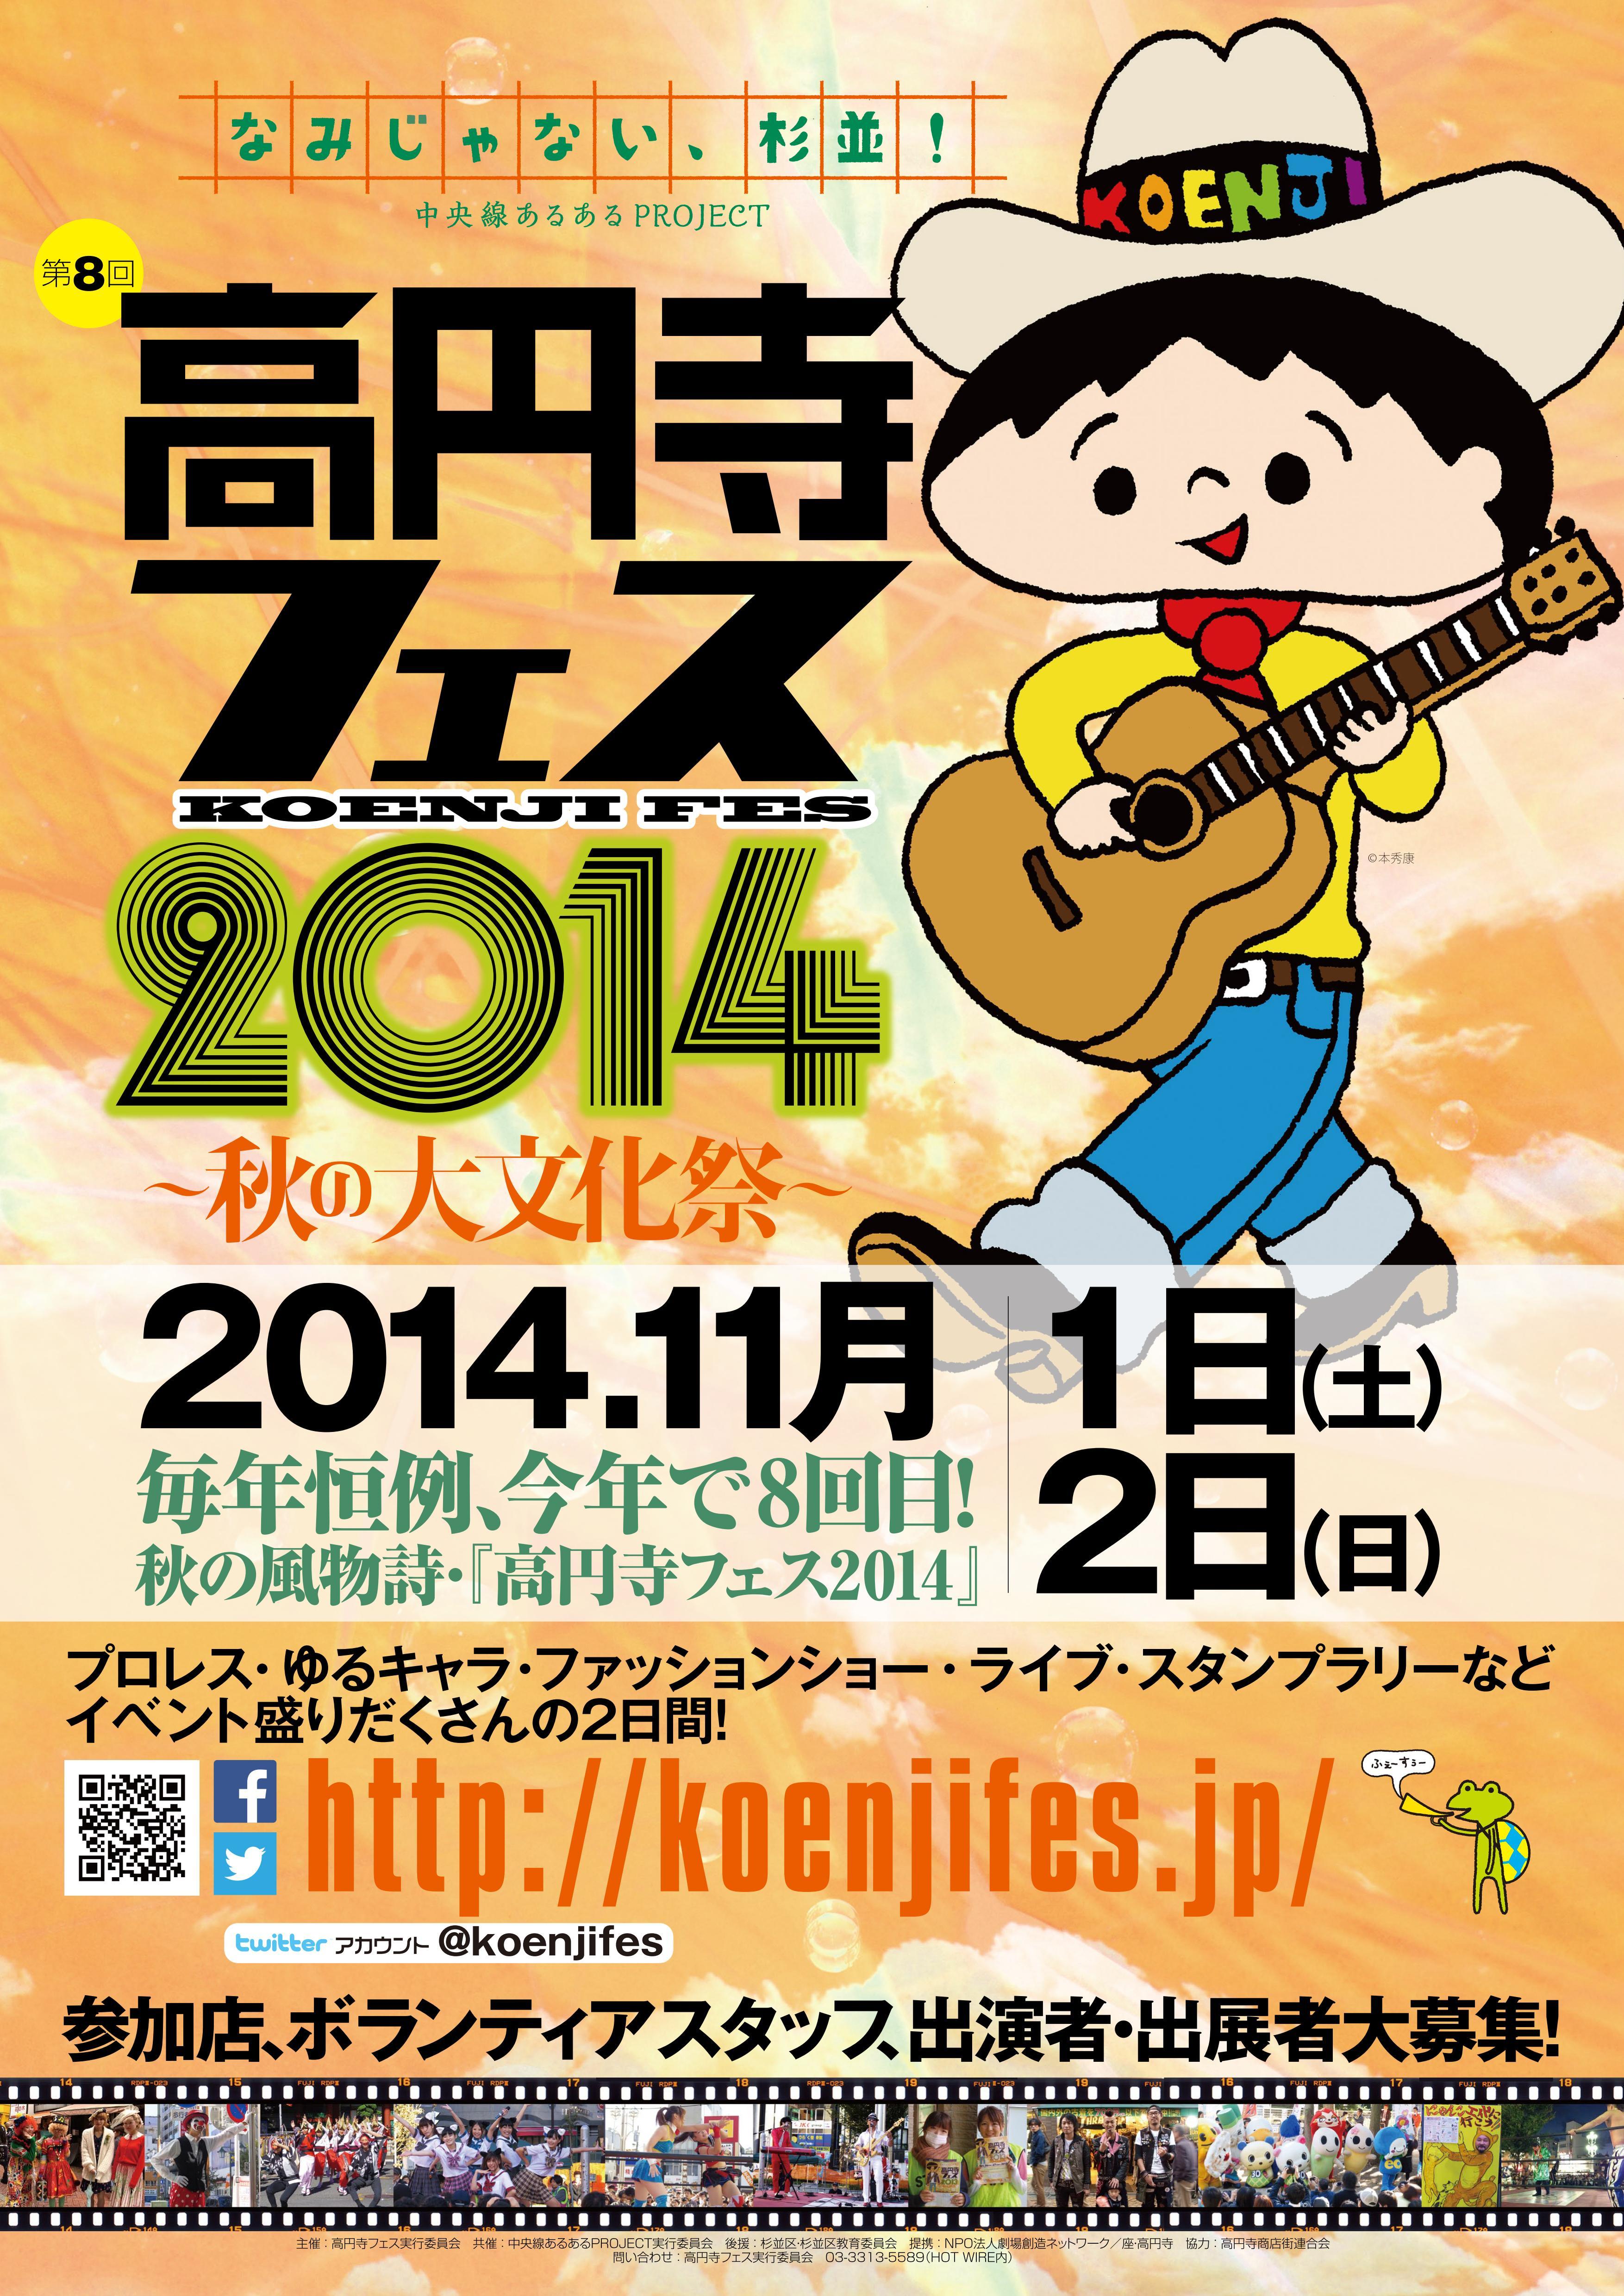 高円寺フェス2014開催迫る!